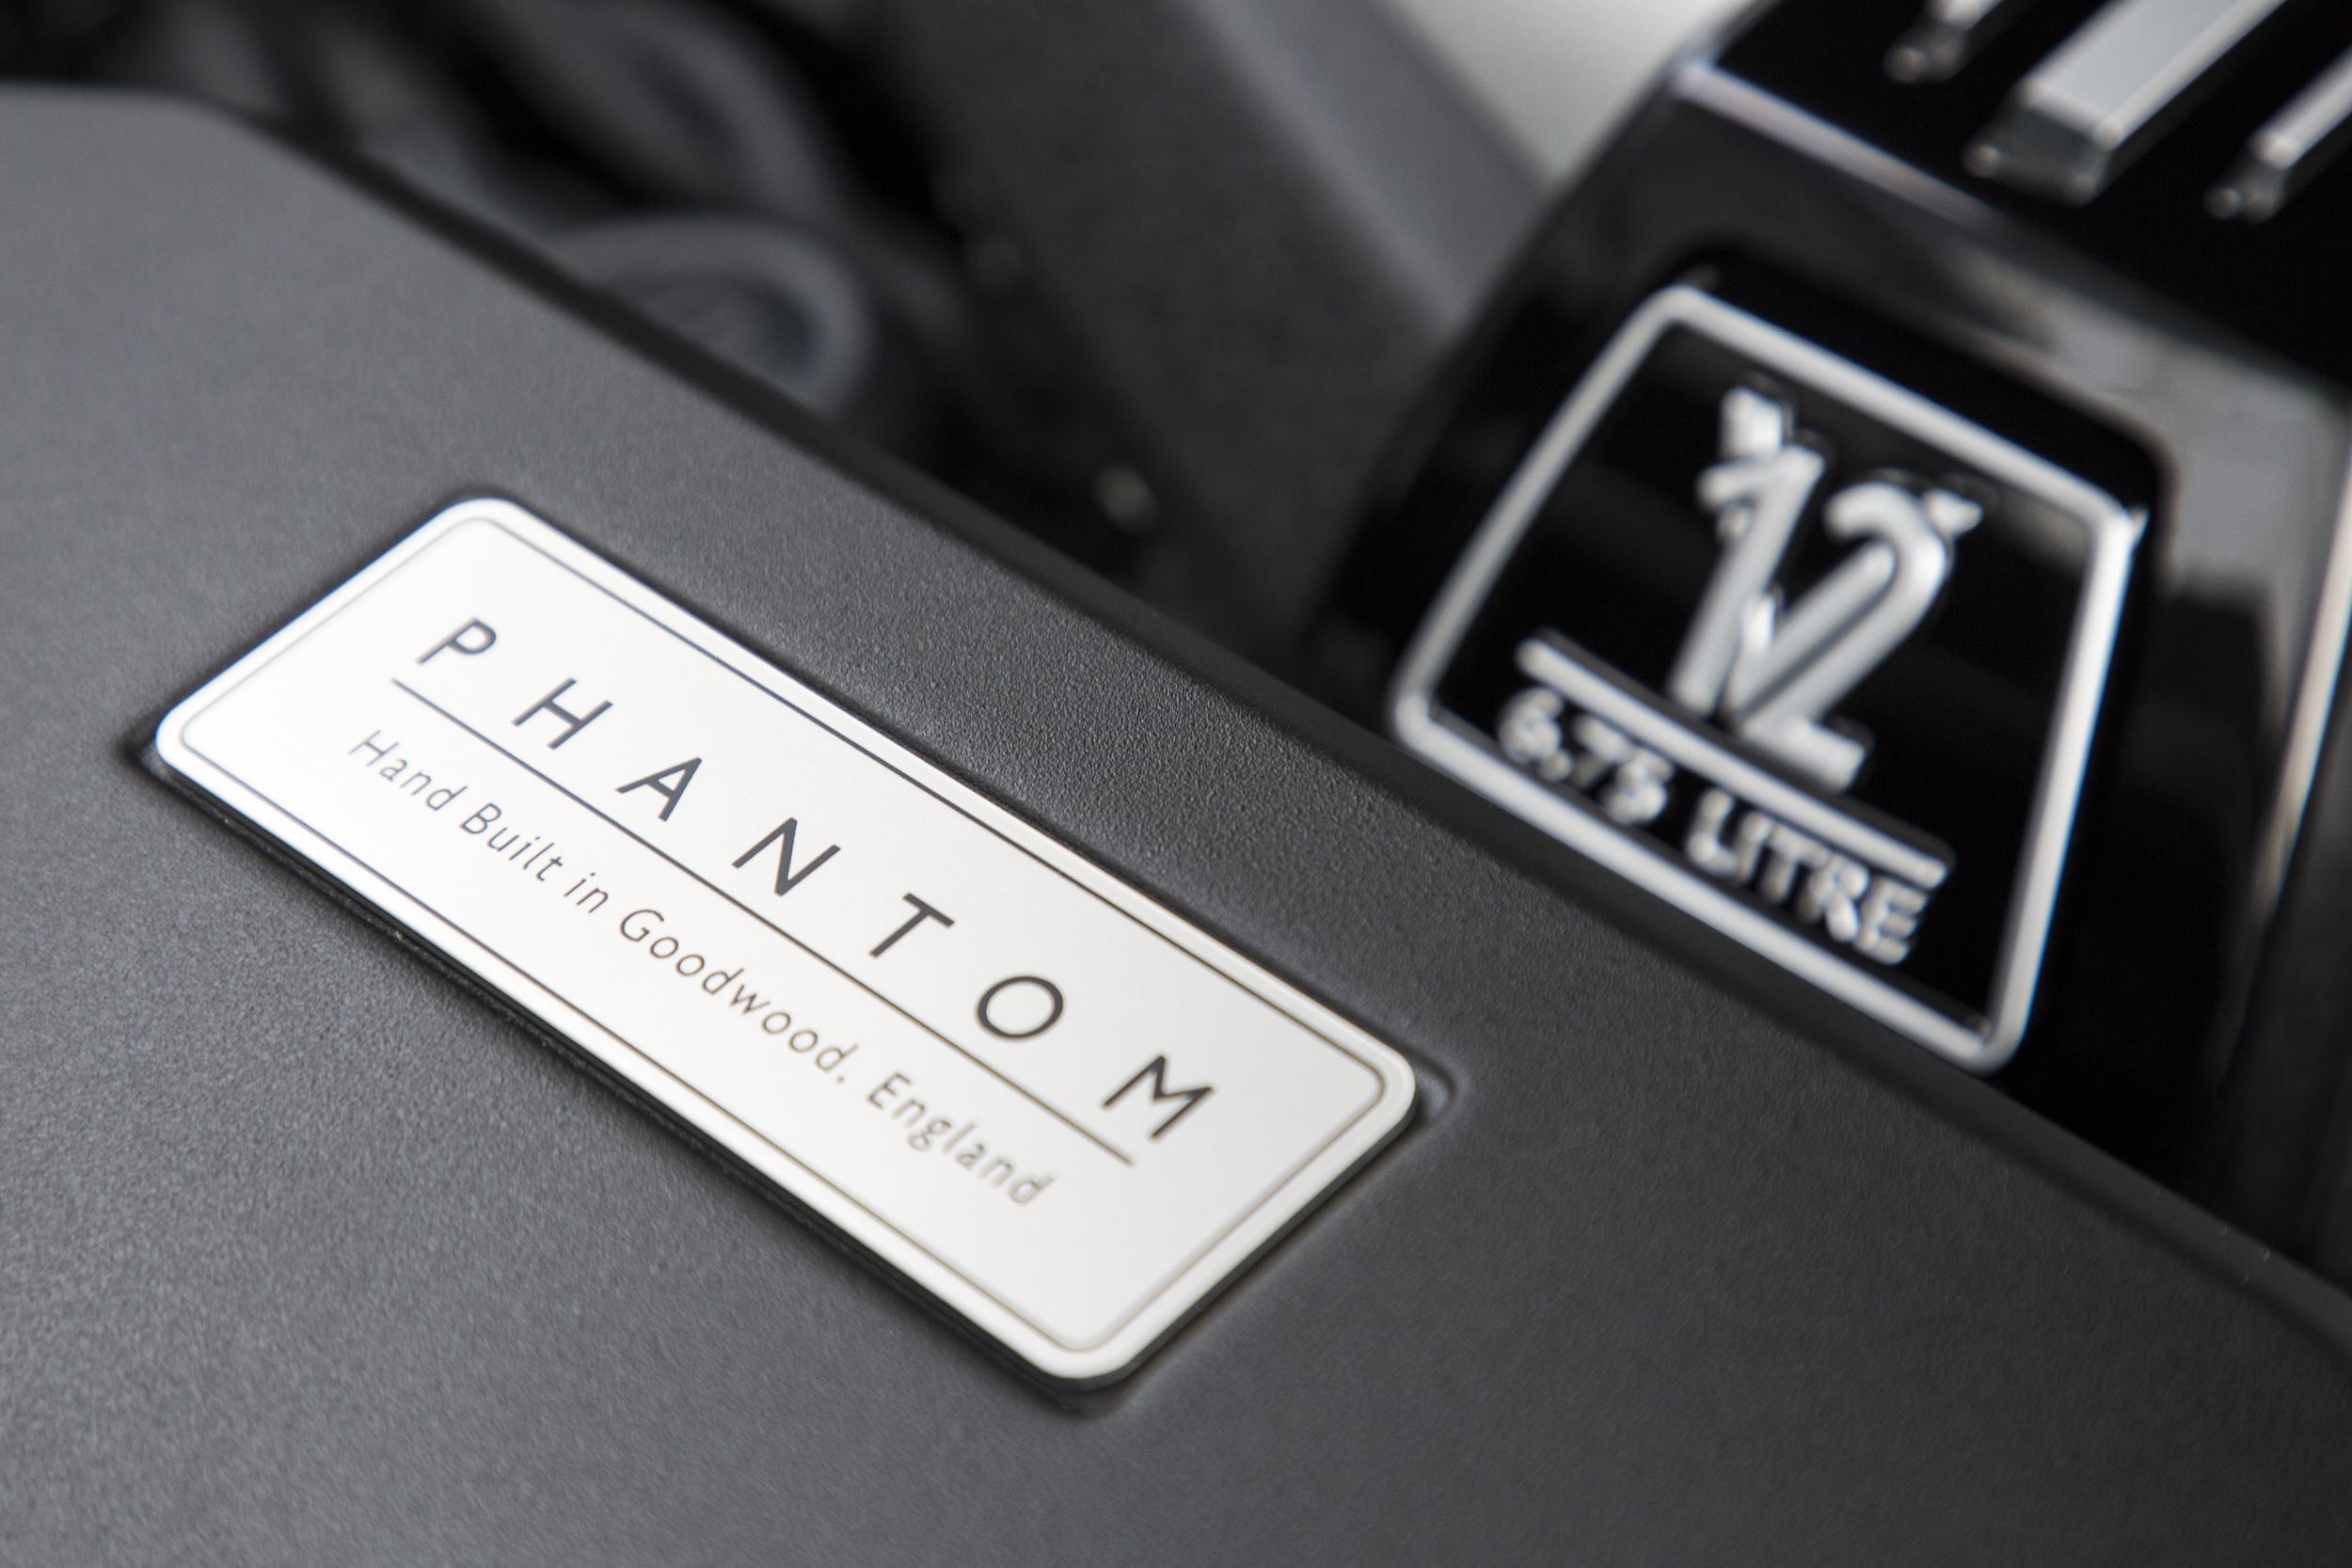 Rolls-Royce Phantom symbol